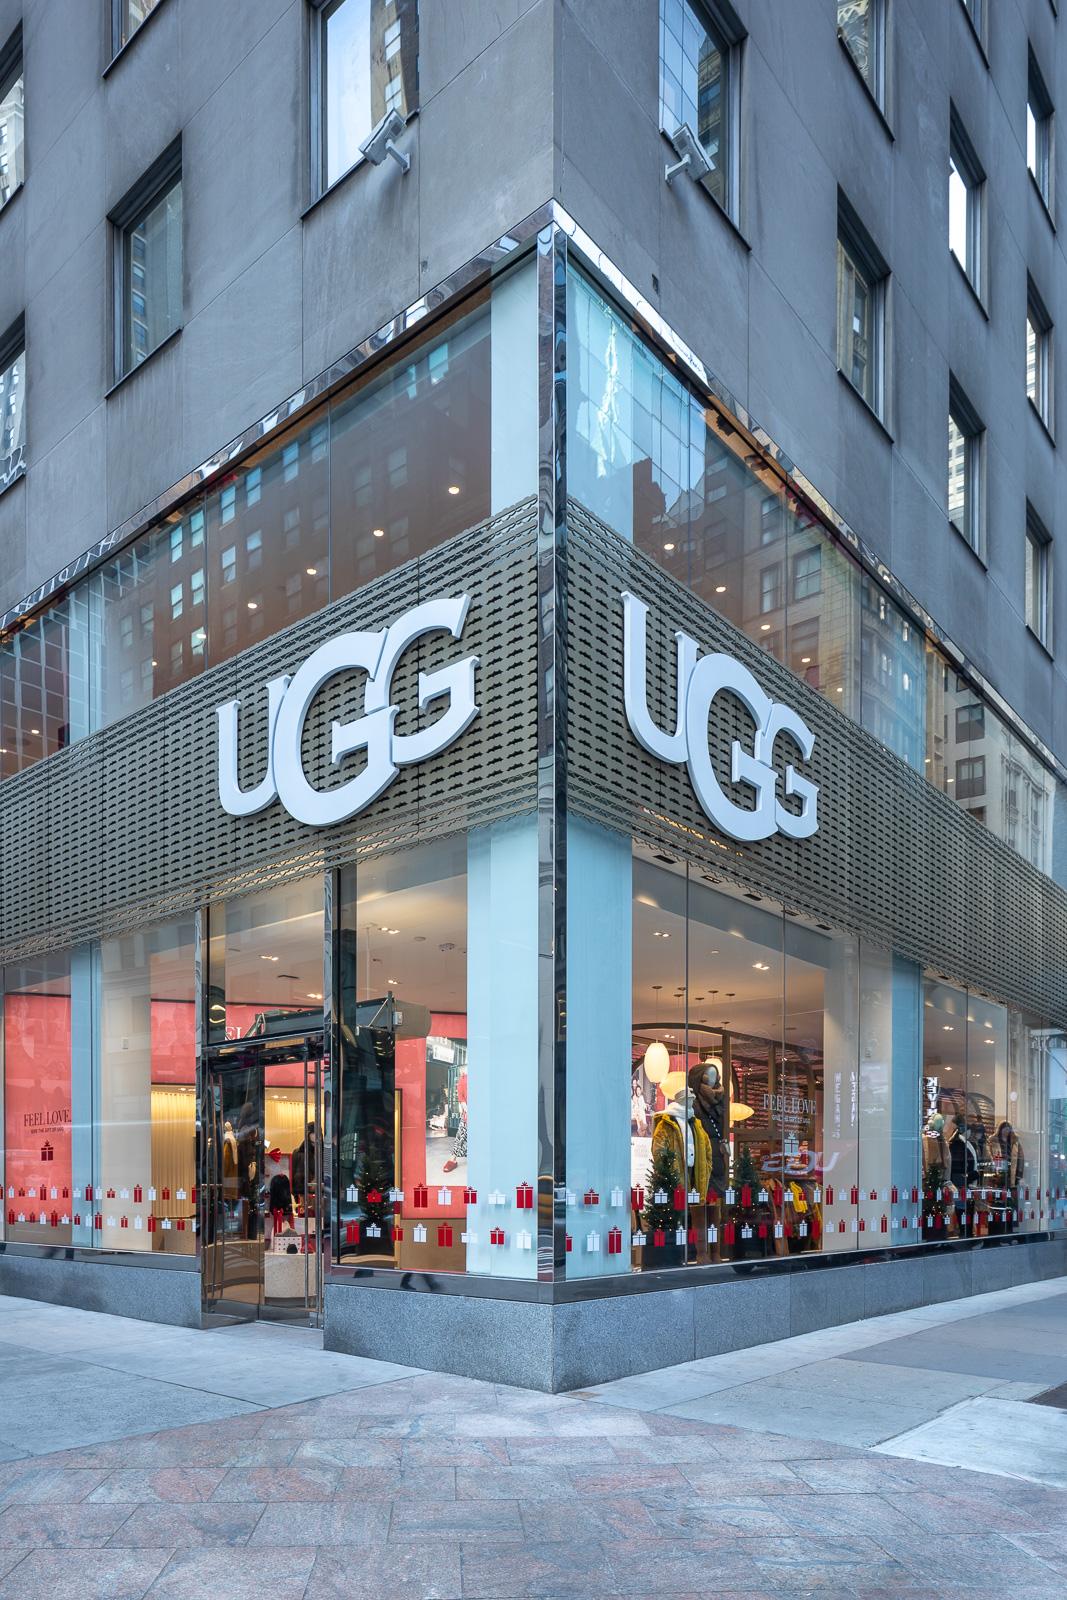 Ugg Debuts NYC Flagship Store